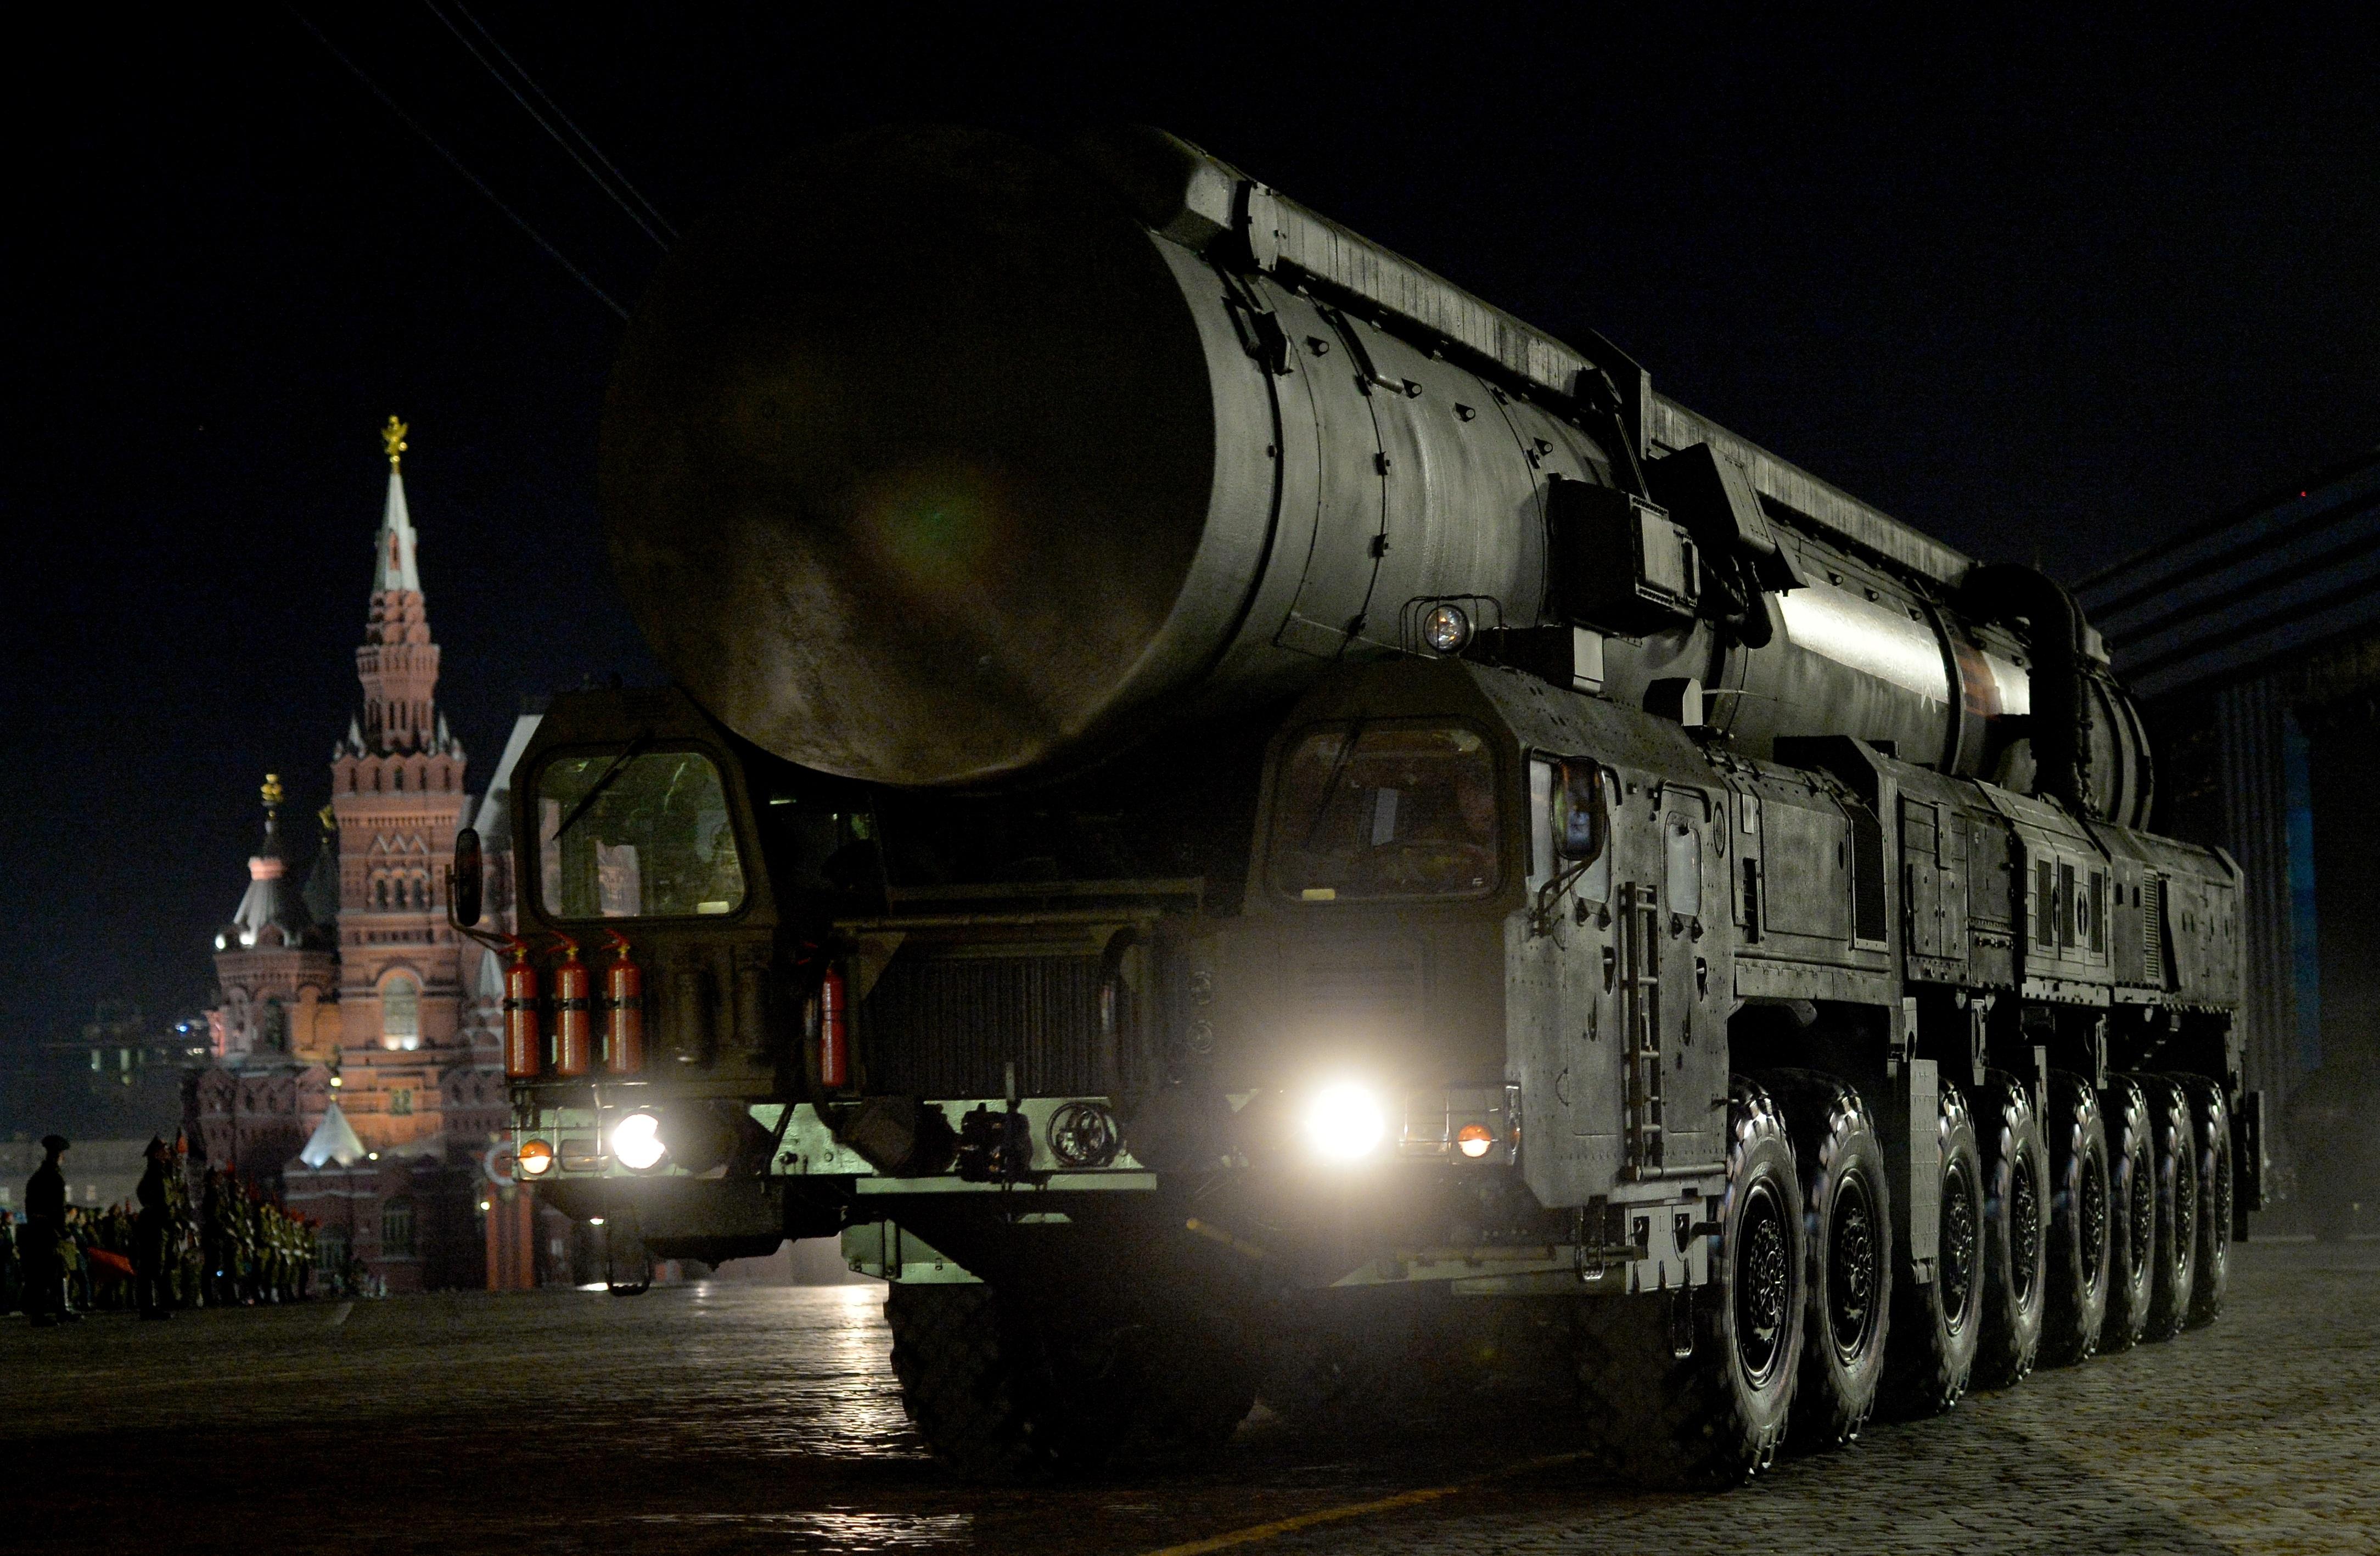 Западните политици реагираха изключително нервно на думите на Путин. Те бяха възприети едва ли не като обявяване на ново начало в надпреварата във въоръжаването.